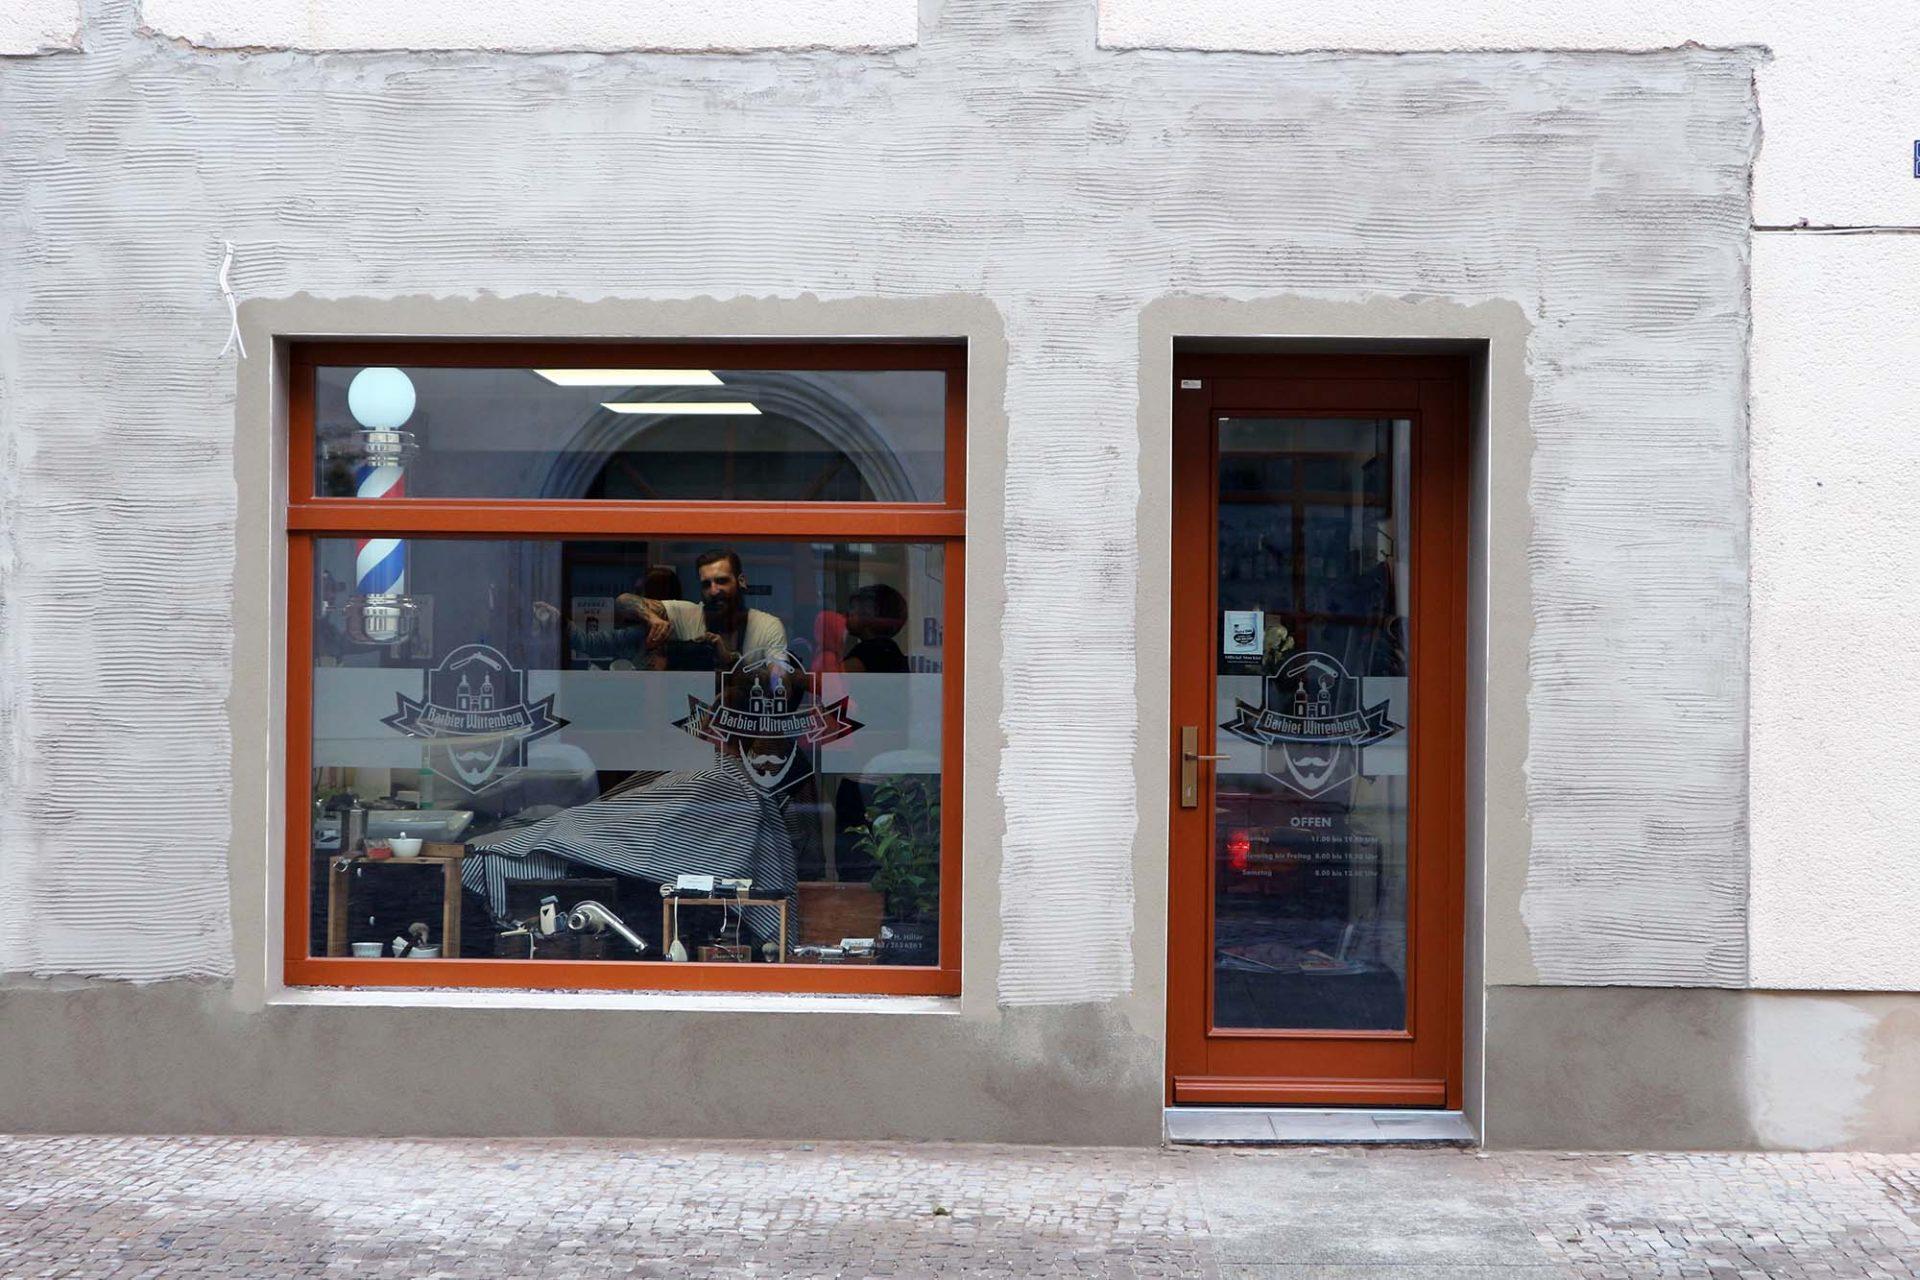 Stadtansichten. ... und auch Hippes. Die Wittenberger Altstadt ist eben nicht nur Museum und touristisches Ziel, sondern auch lebenswertes Stadtzentrum.